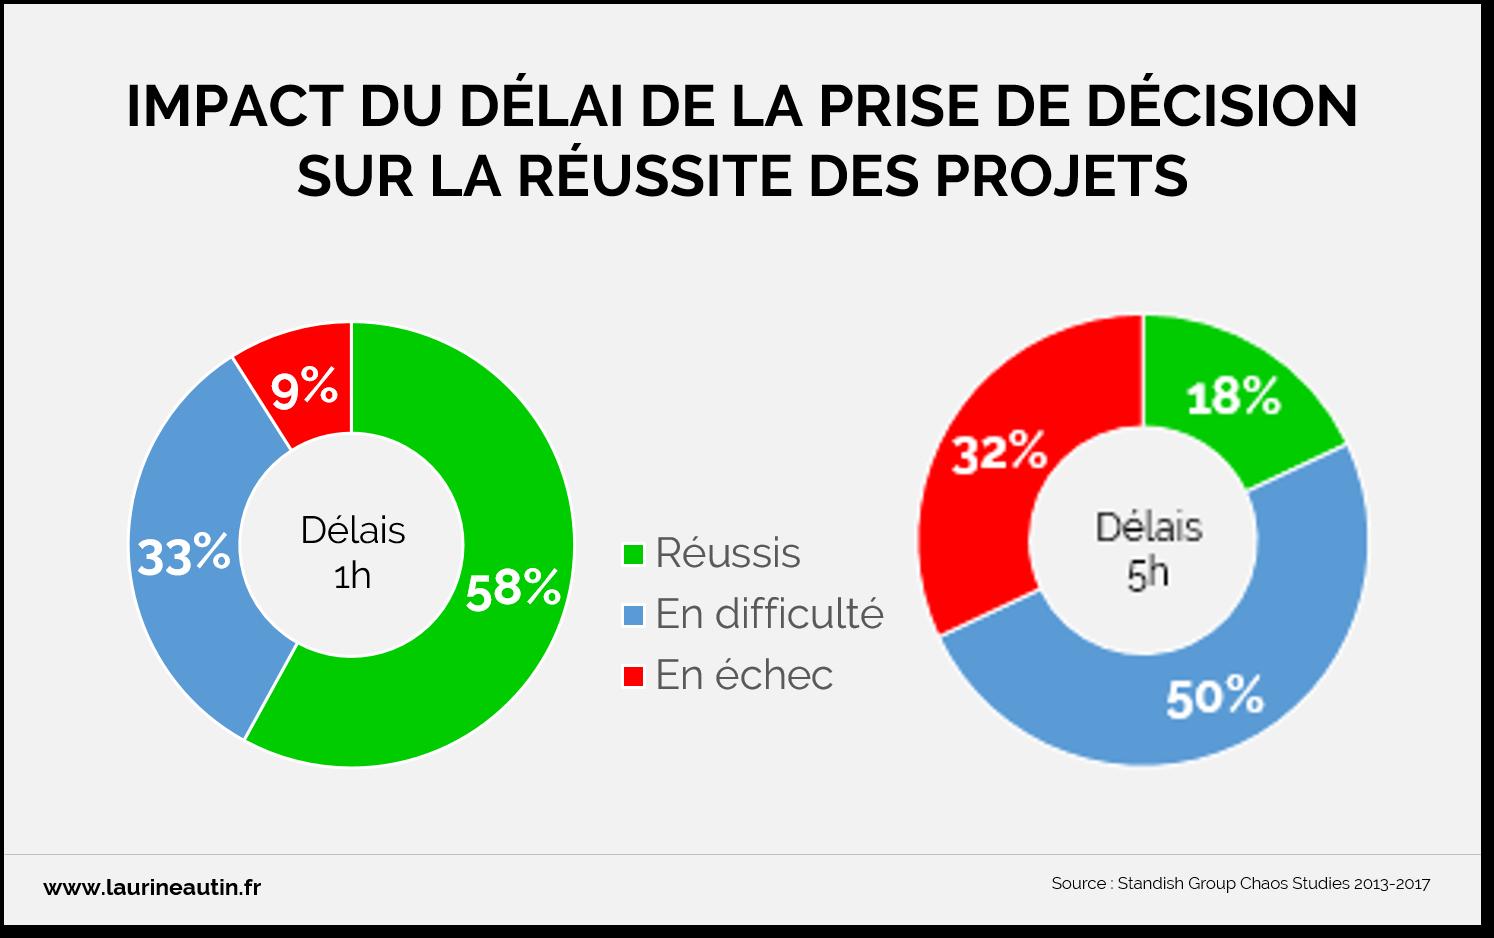 Impact du délai de la prise de décision sur le succès d'un projet IT